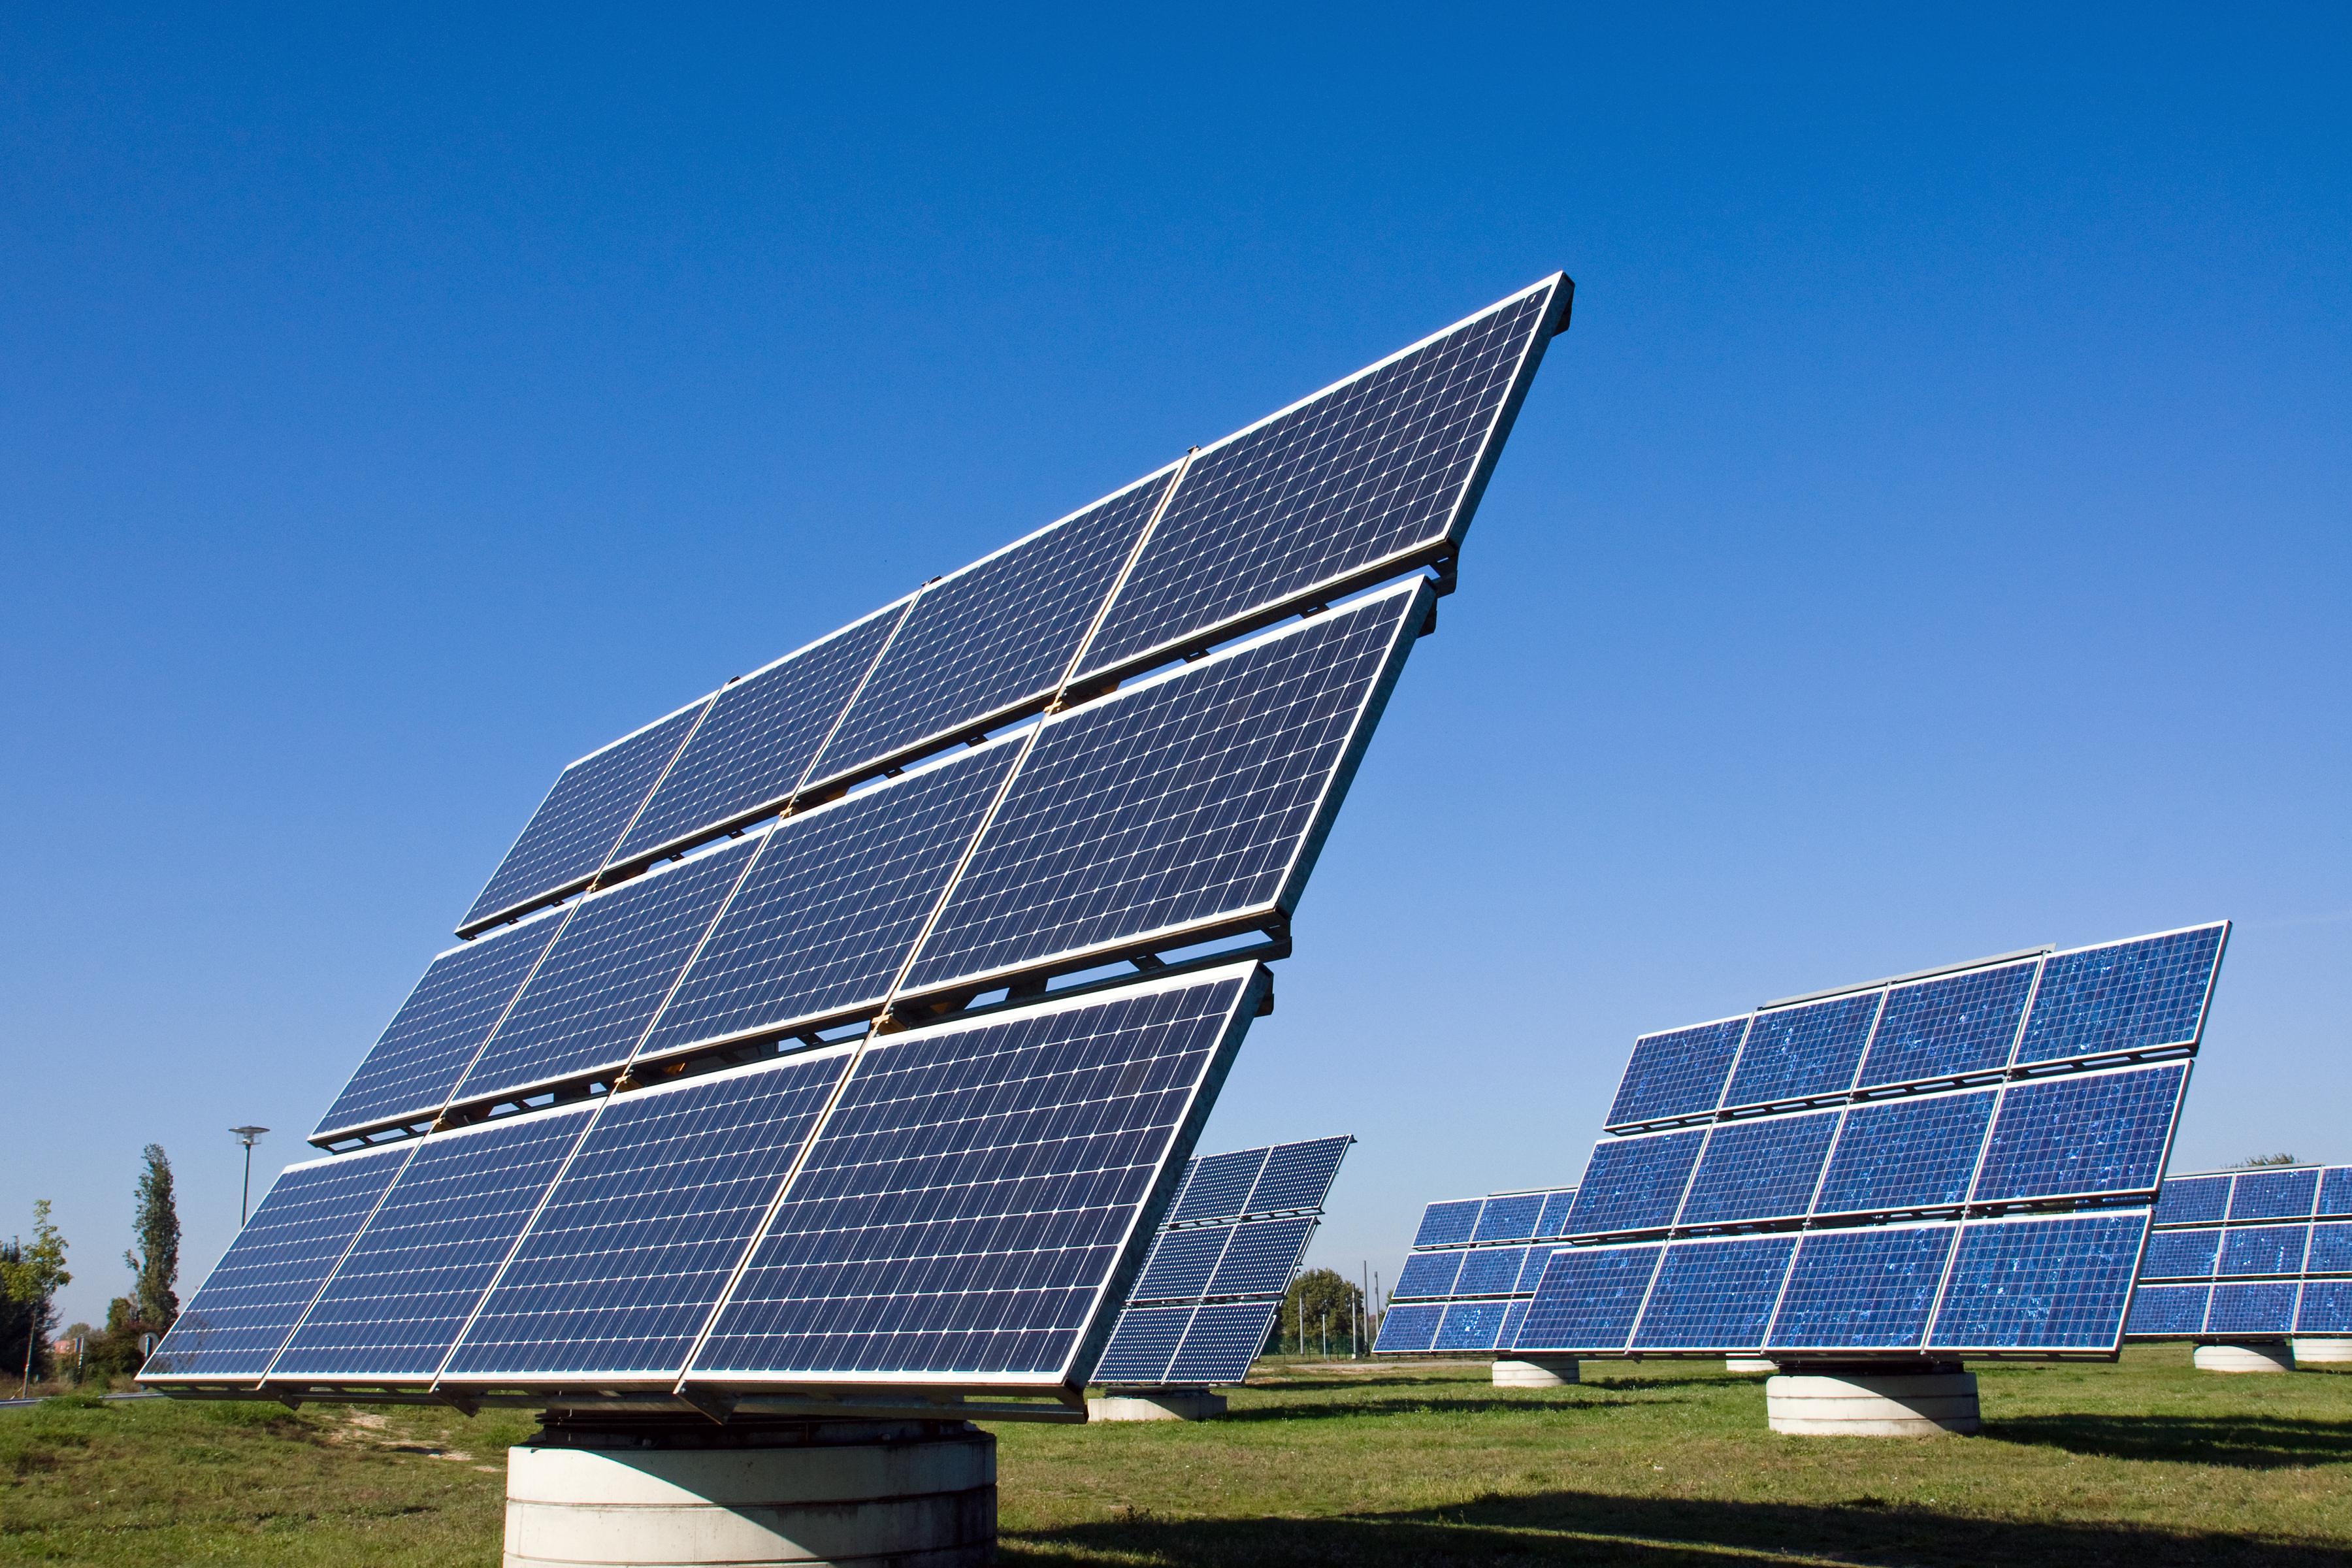 https://watt.co.uk/wp-content/uploads/2020/04/solar-energy-panels-P572XHB.jpg